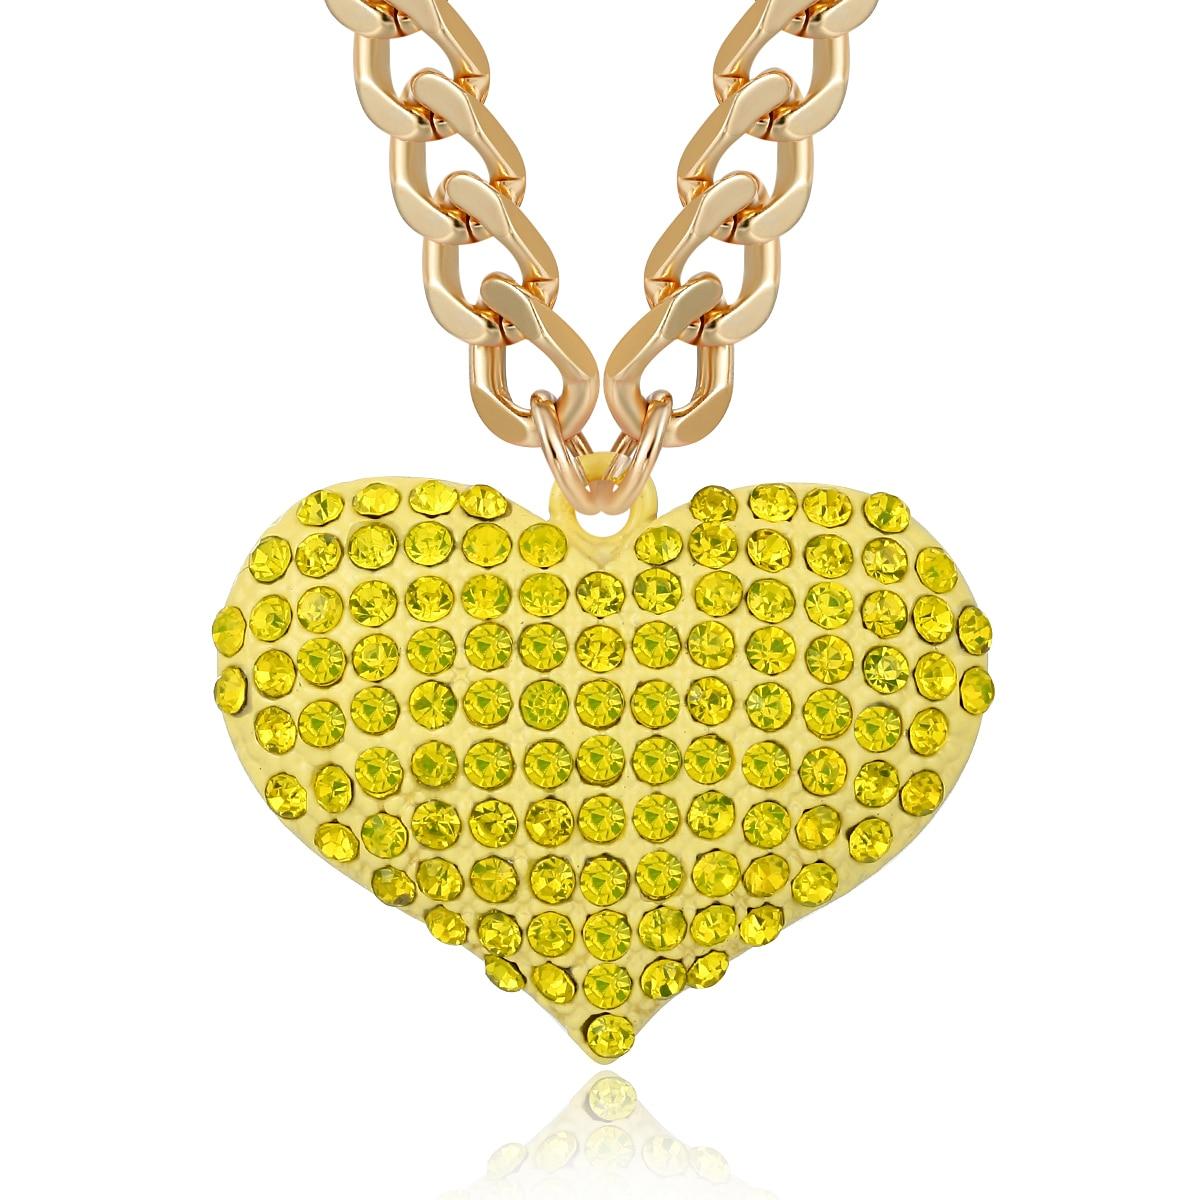 الهيب هوب الذهب كريستال القلب قلادة قلادة المرأة بيان الشرير الأرجواني حجر الراين شخصية مكتنزة المختنق سلسلة مجوهرات